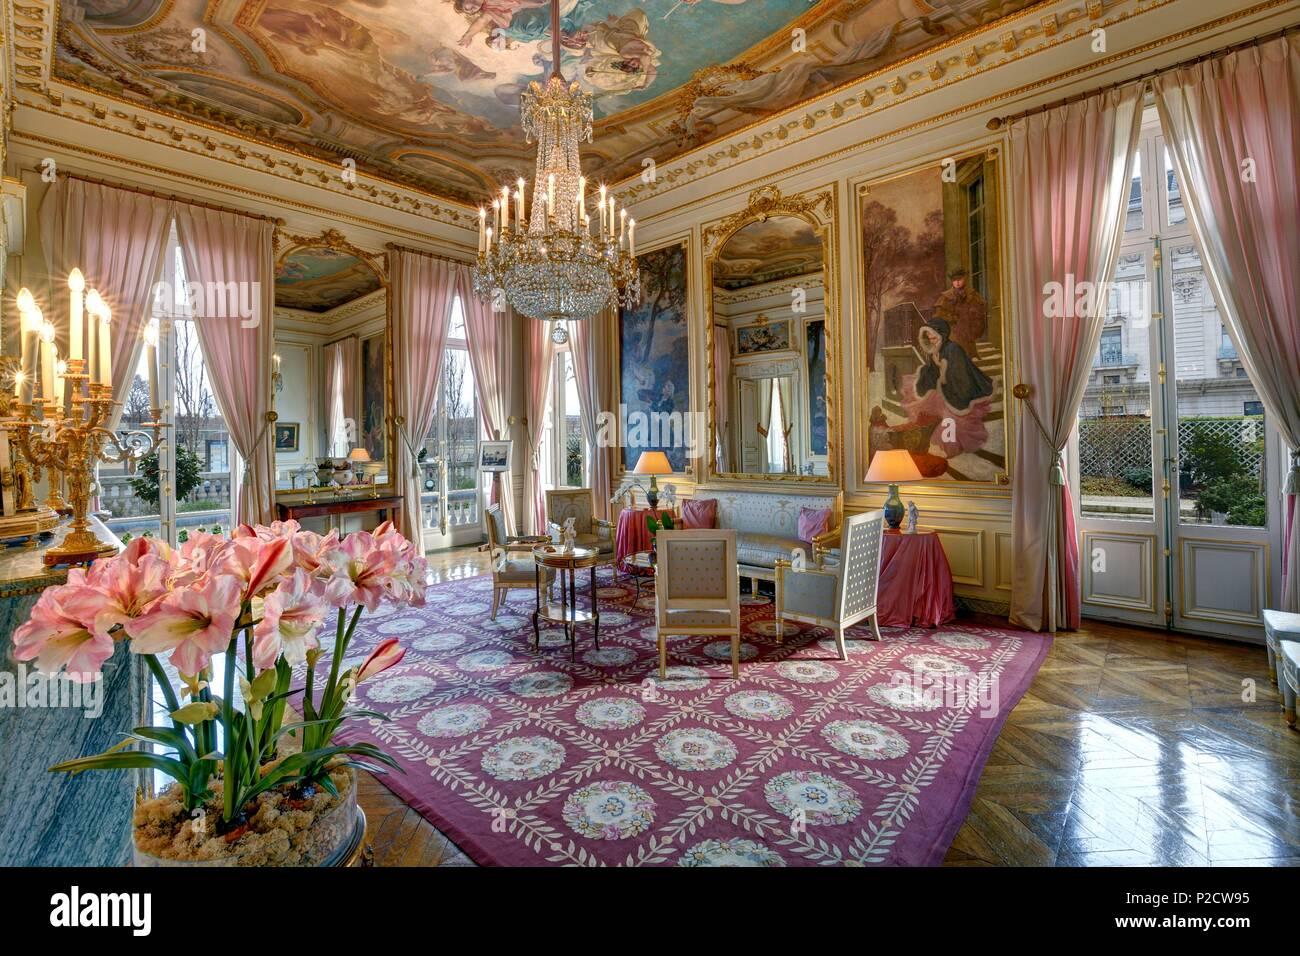 France, Paris, hôtel de Salm, the room of the Muses - Stock Image